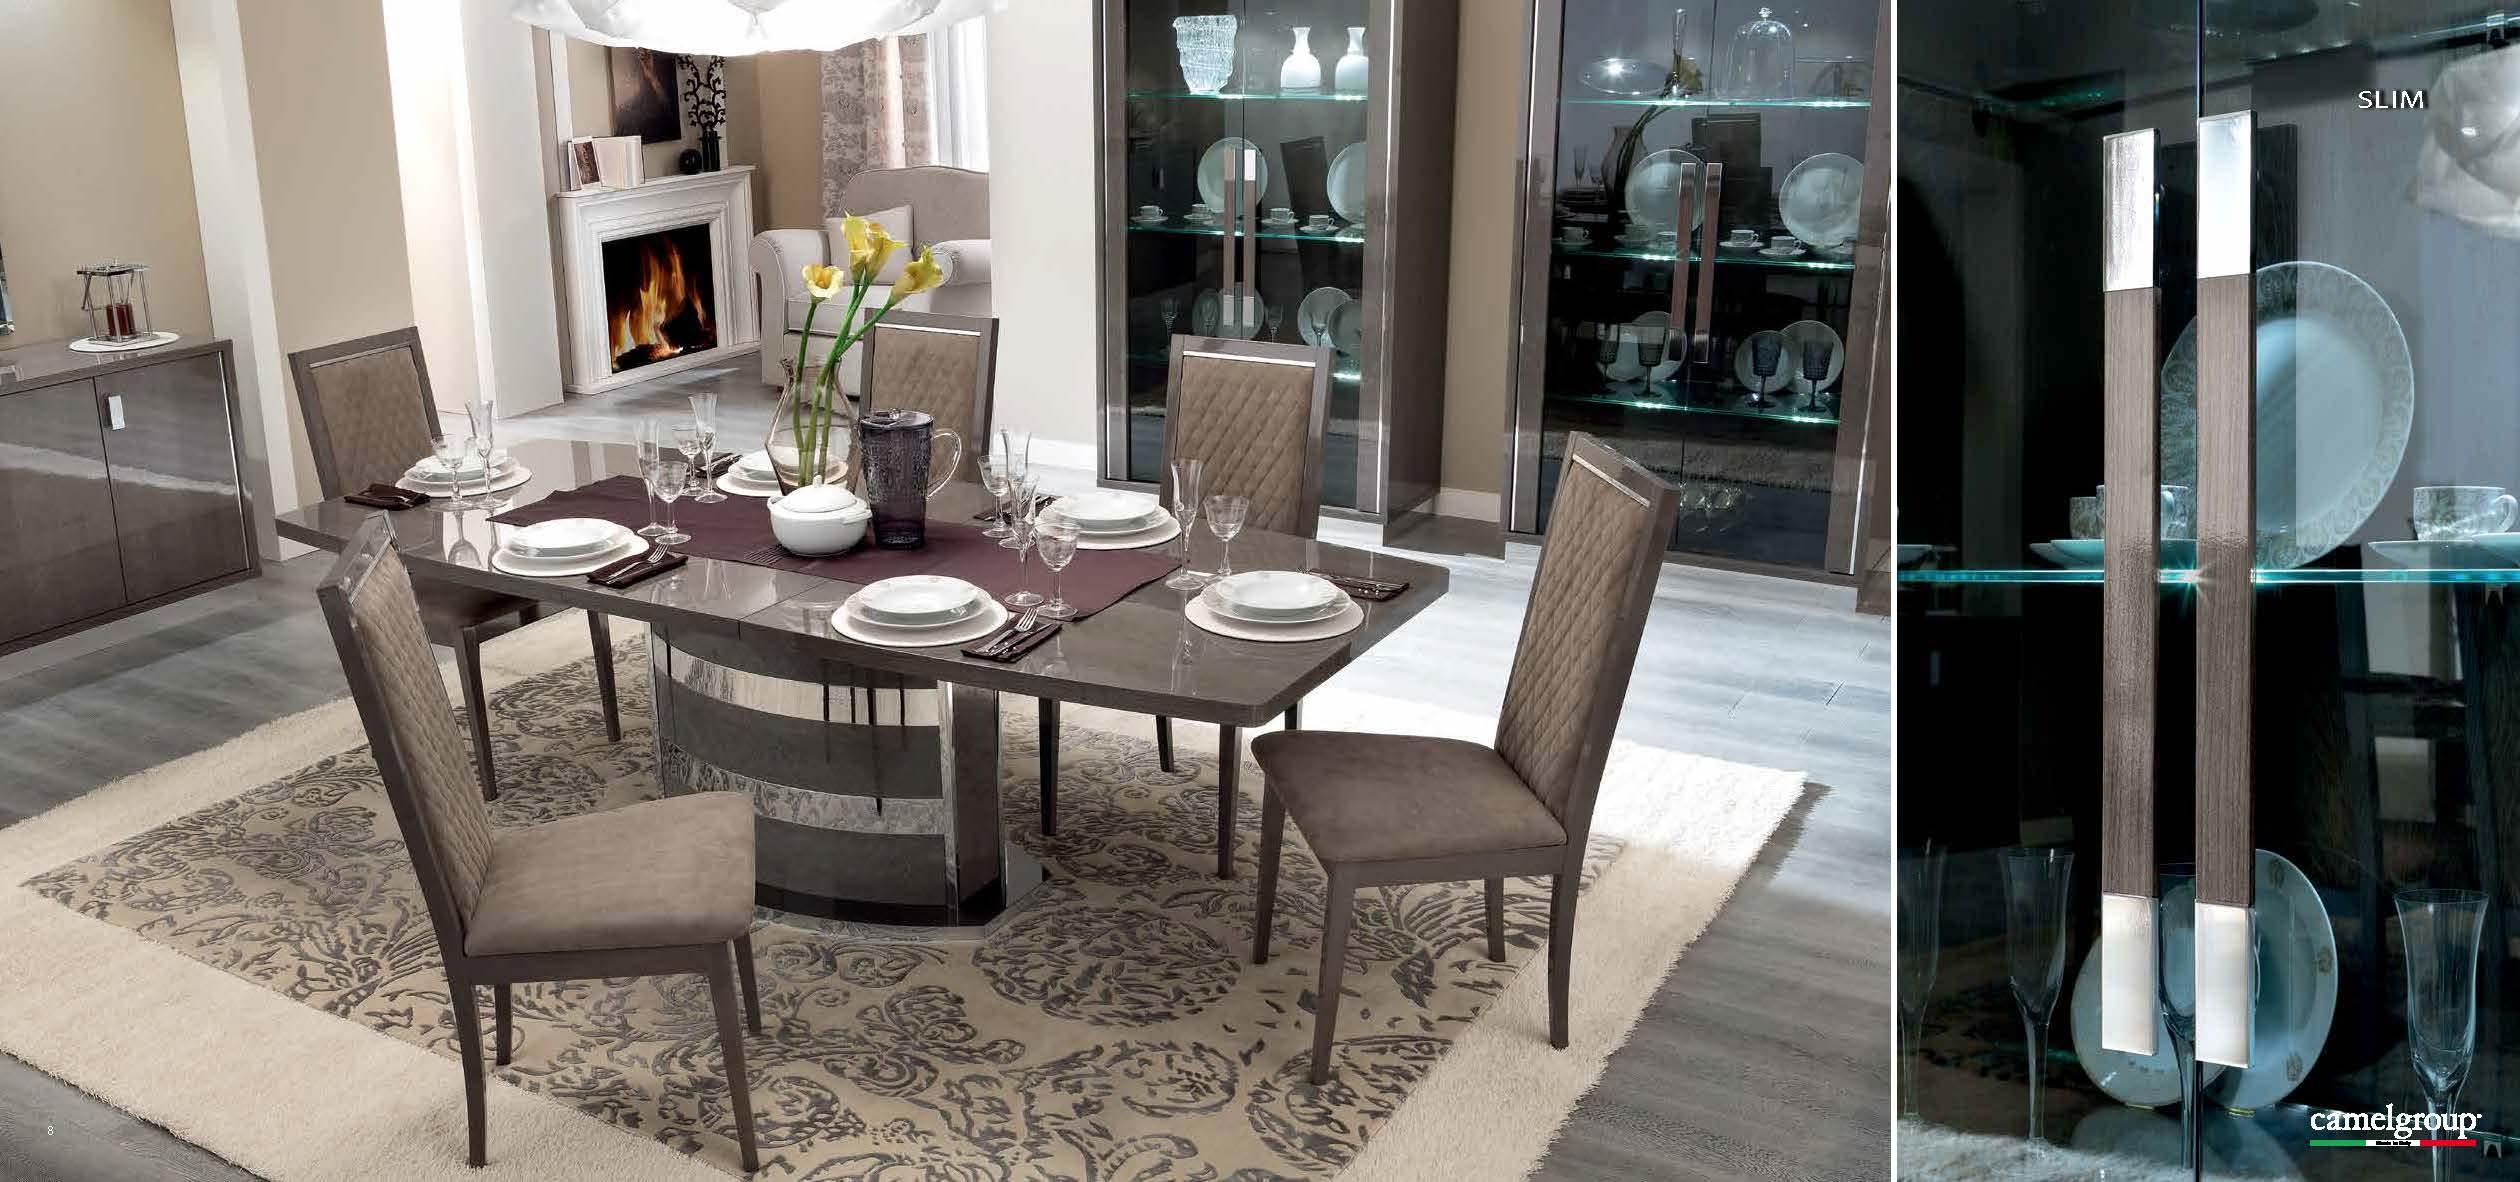 Platinum Slim Dining Room Furniture Modern Formal Sets